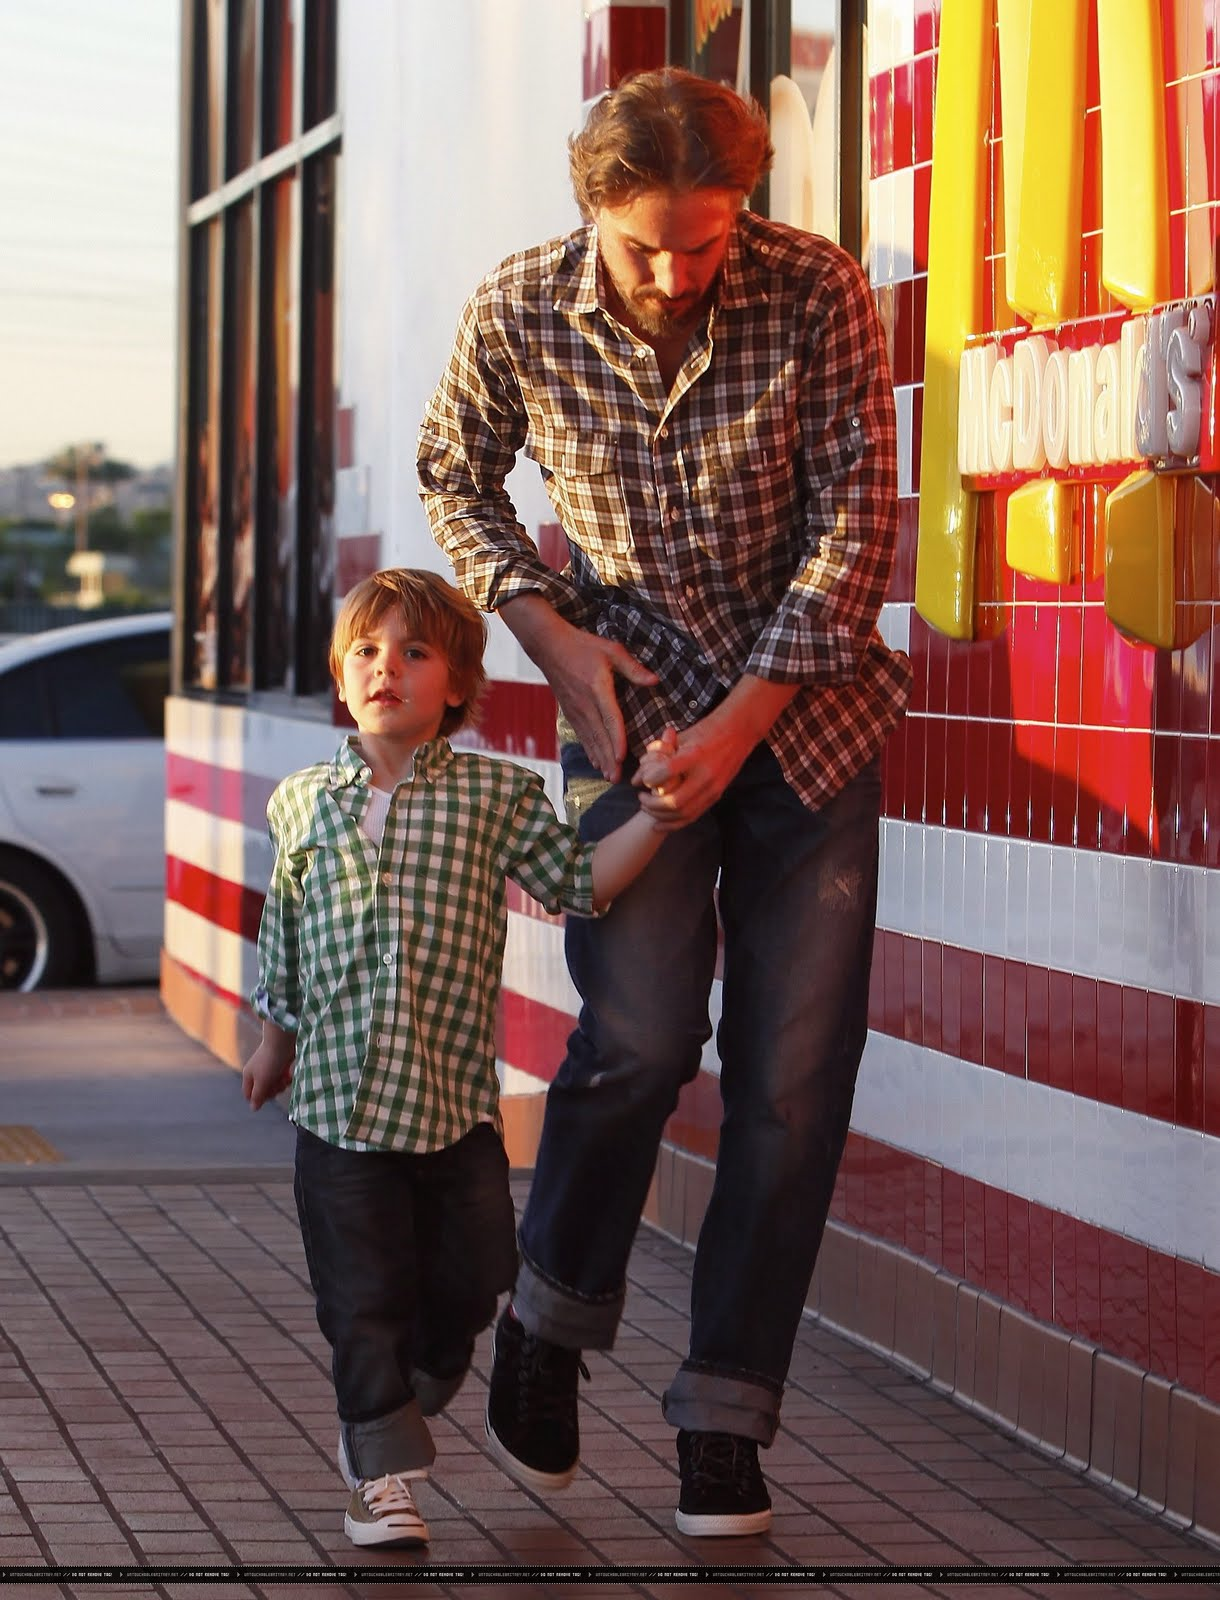 http://4.bp.blogspot.com/_Dc59ZW6xYYY/TTN1UupEM7I/AAAAAAAAD88/W5wxLAeWAeA/s1600/UTB_McDonalds_%25283%2529.jpg